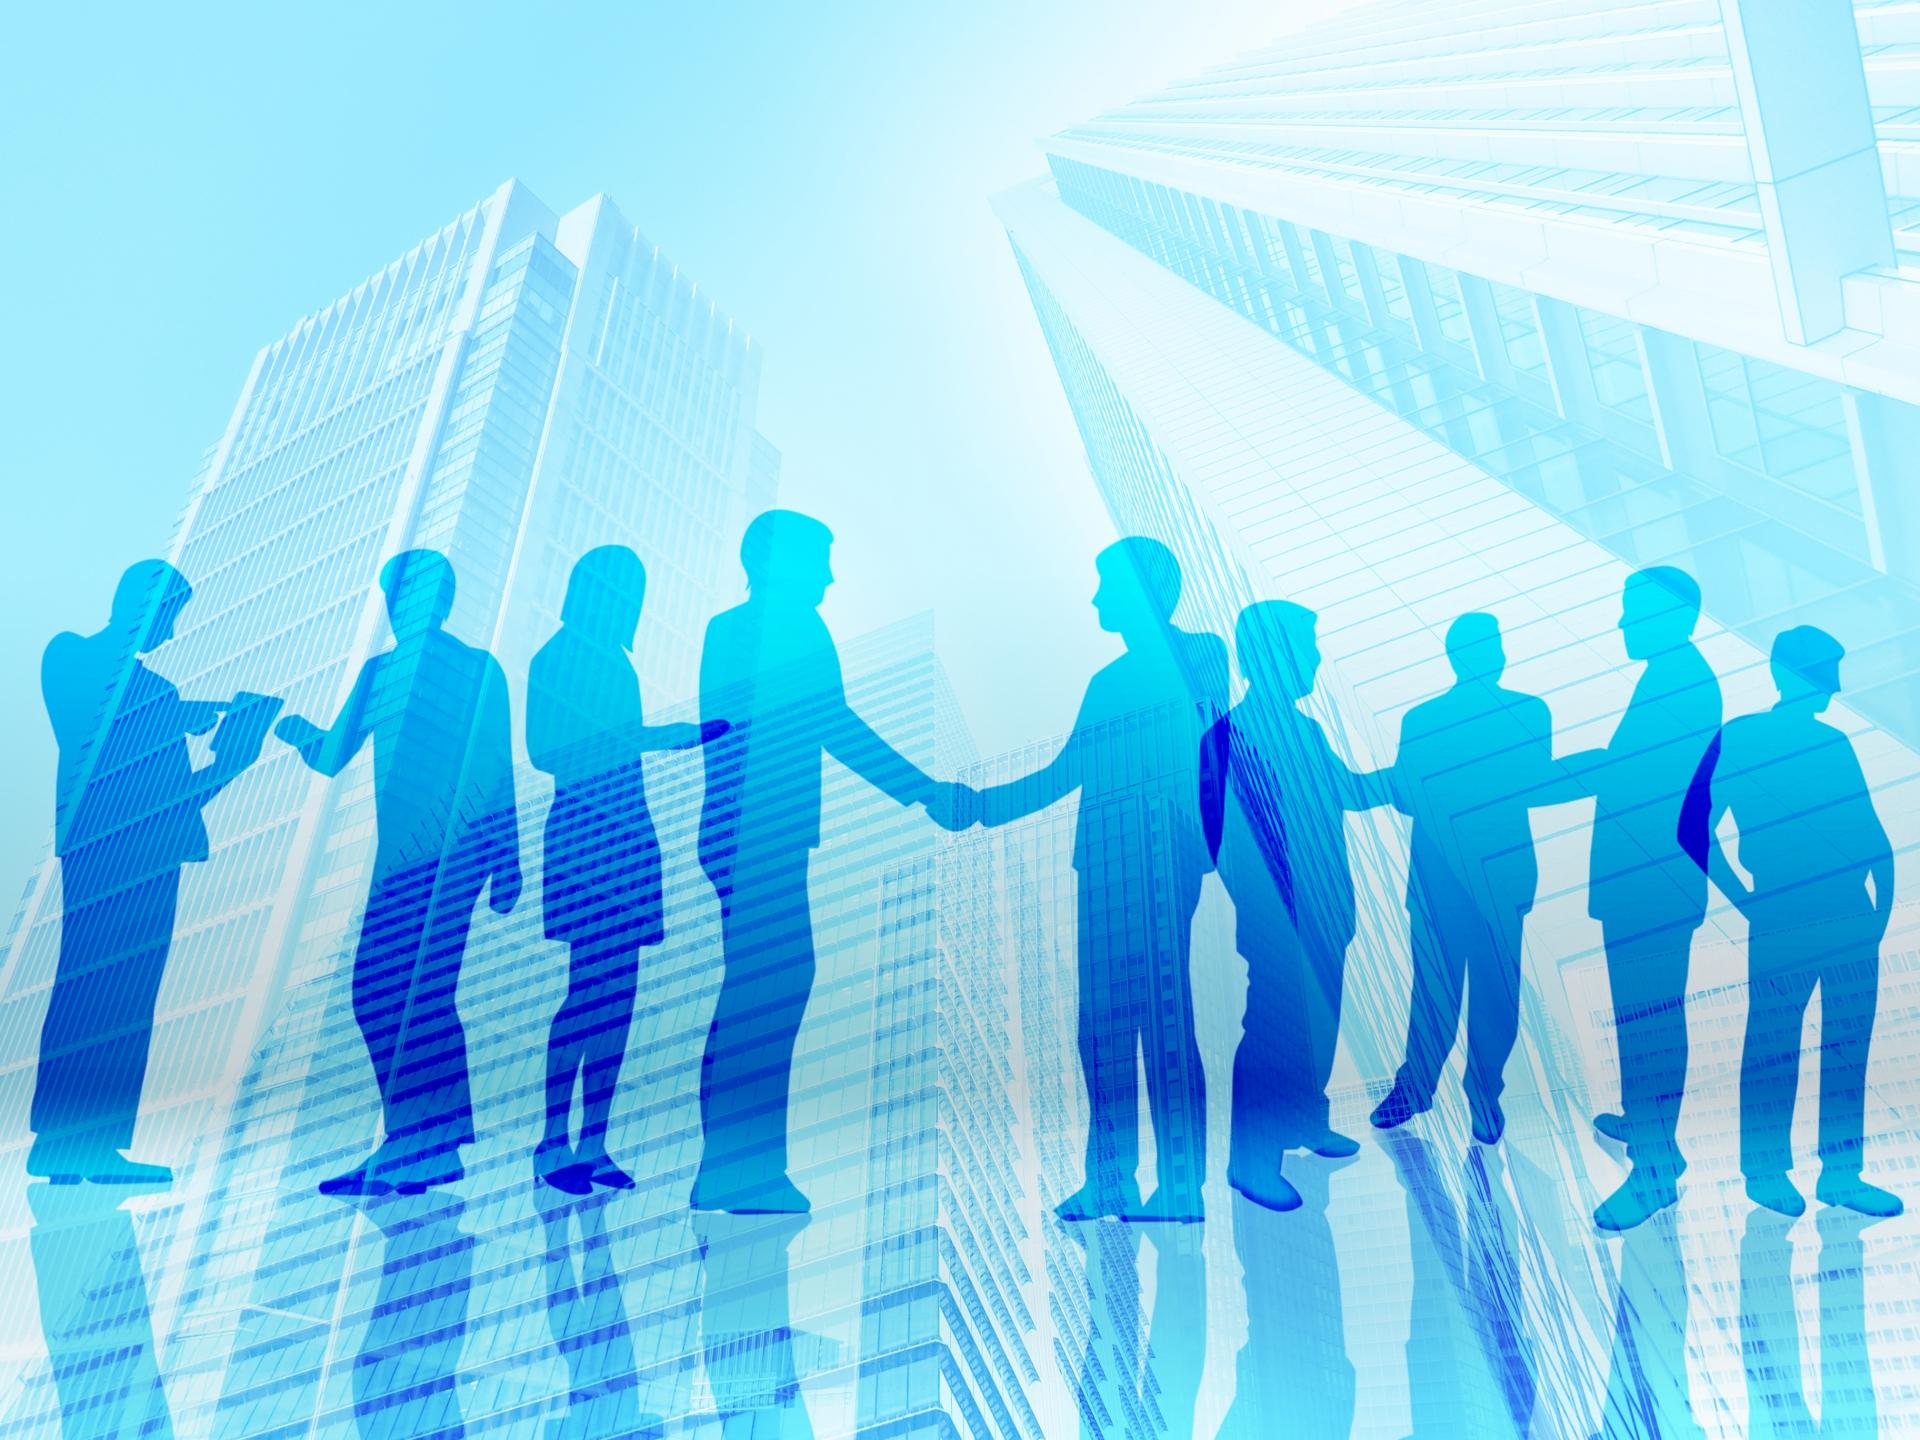 レンタルサロン グラマラスエイチ麻布広尾で『口コミ』での集客を成功されている会員様に共通する3つの事。